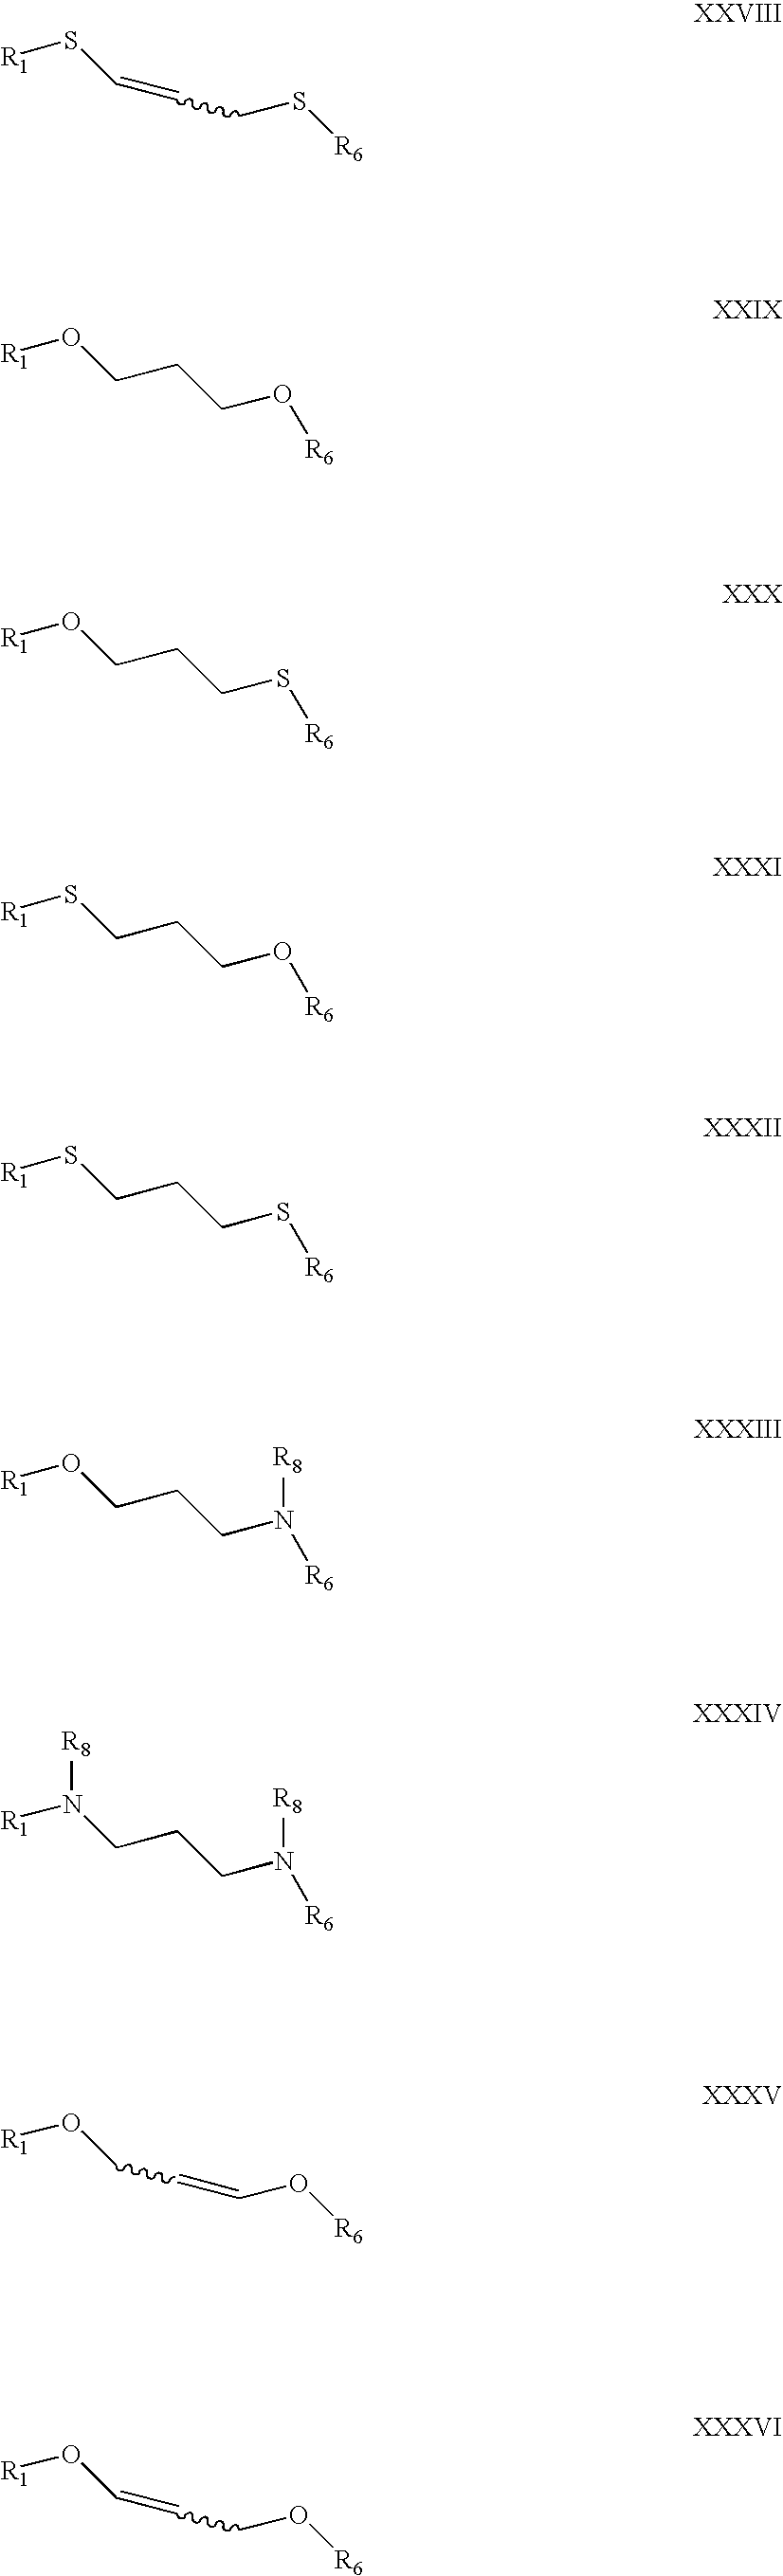 Figure US20060014144A1-20060119-C00057